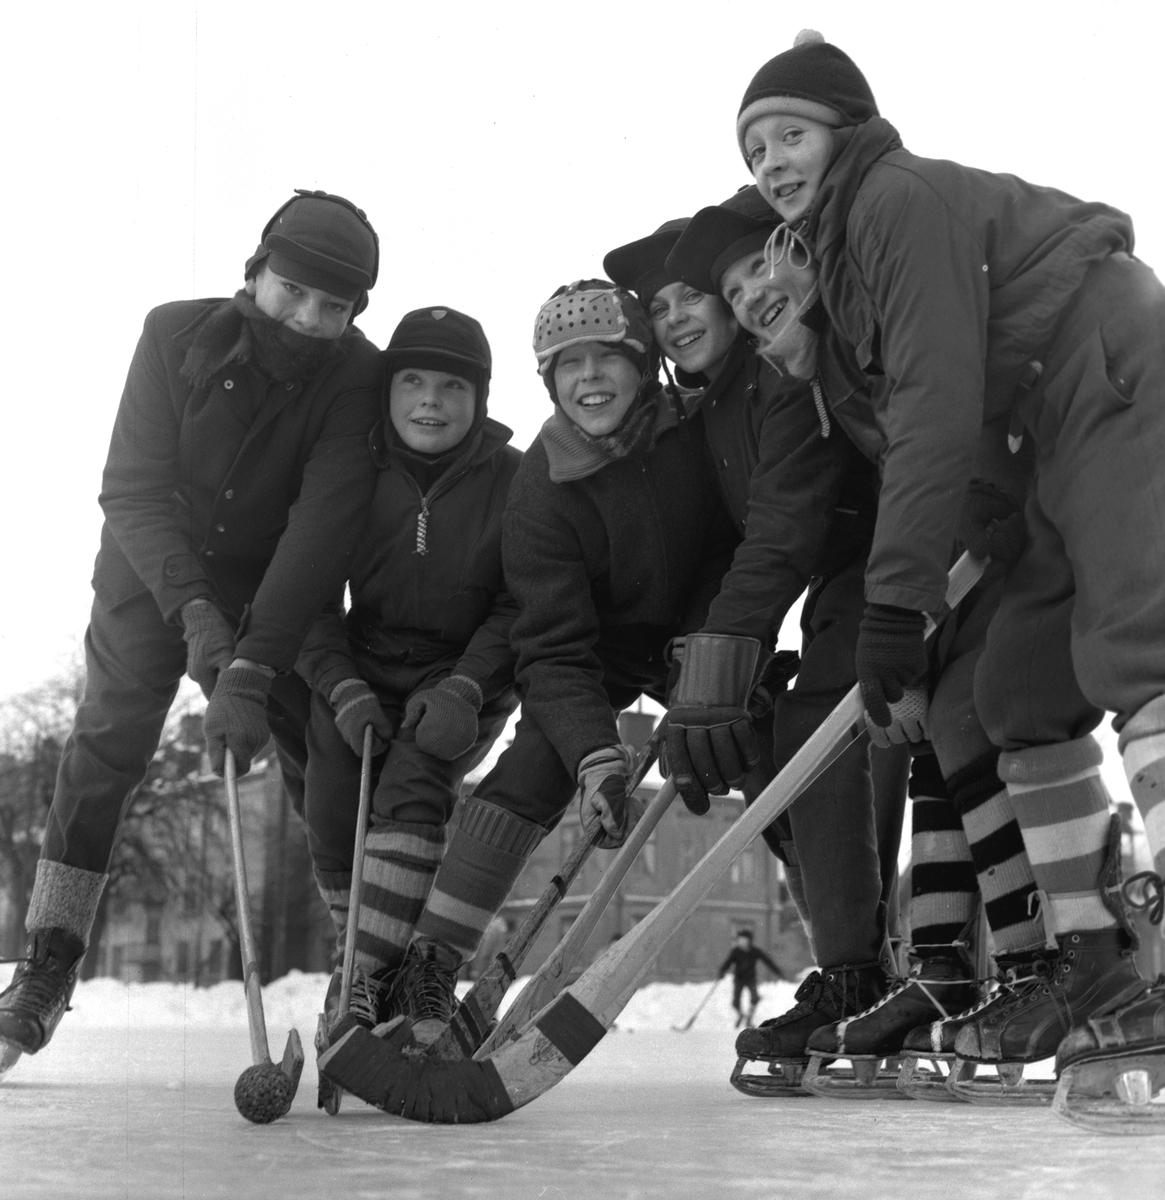 Vintersportlov. 17 februari 1956.